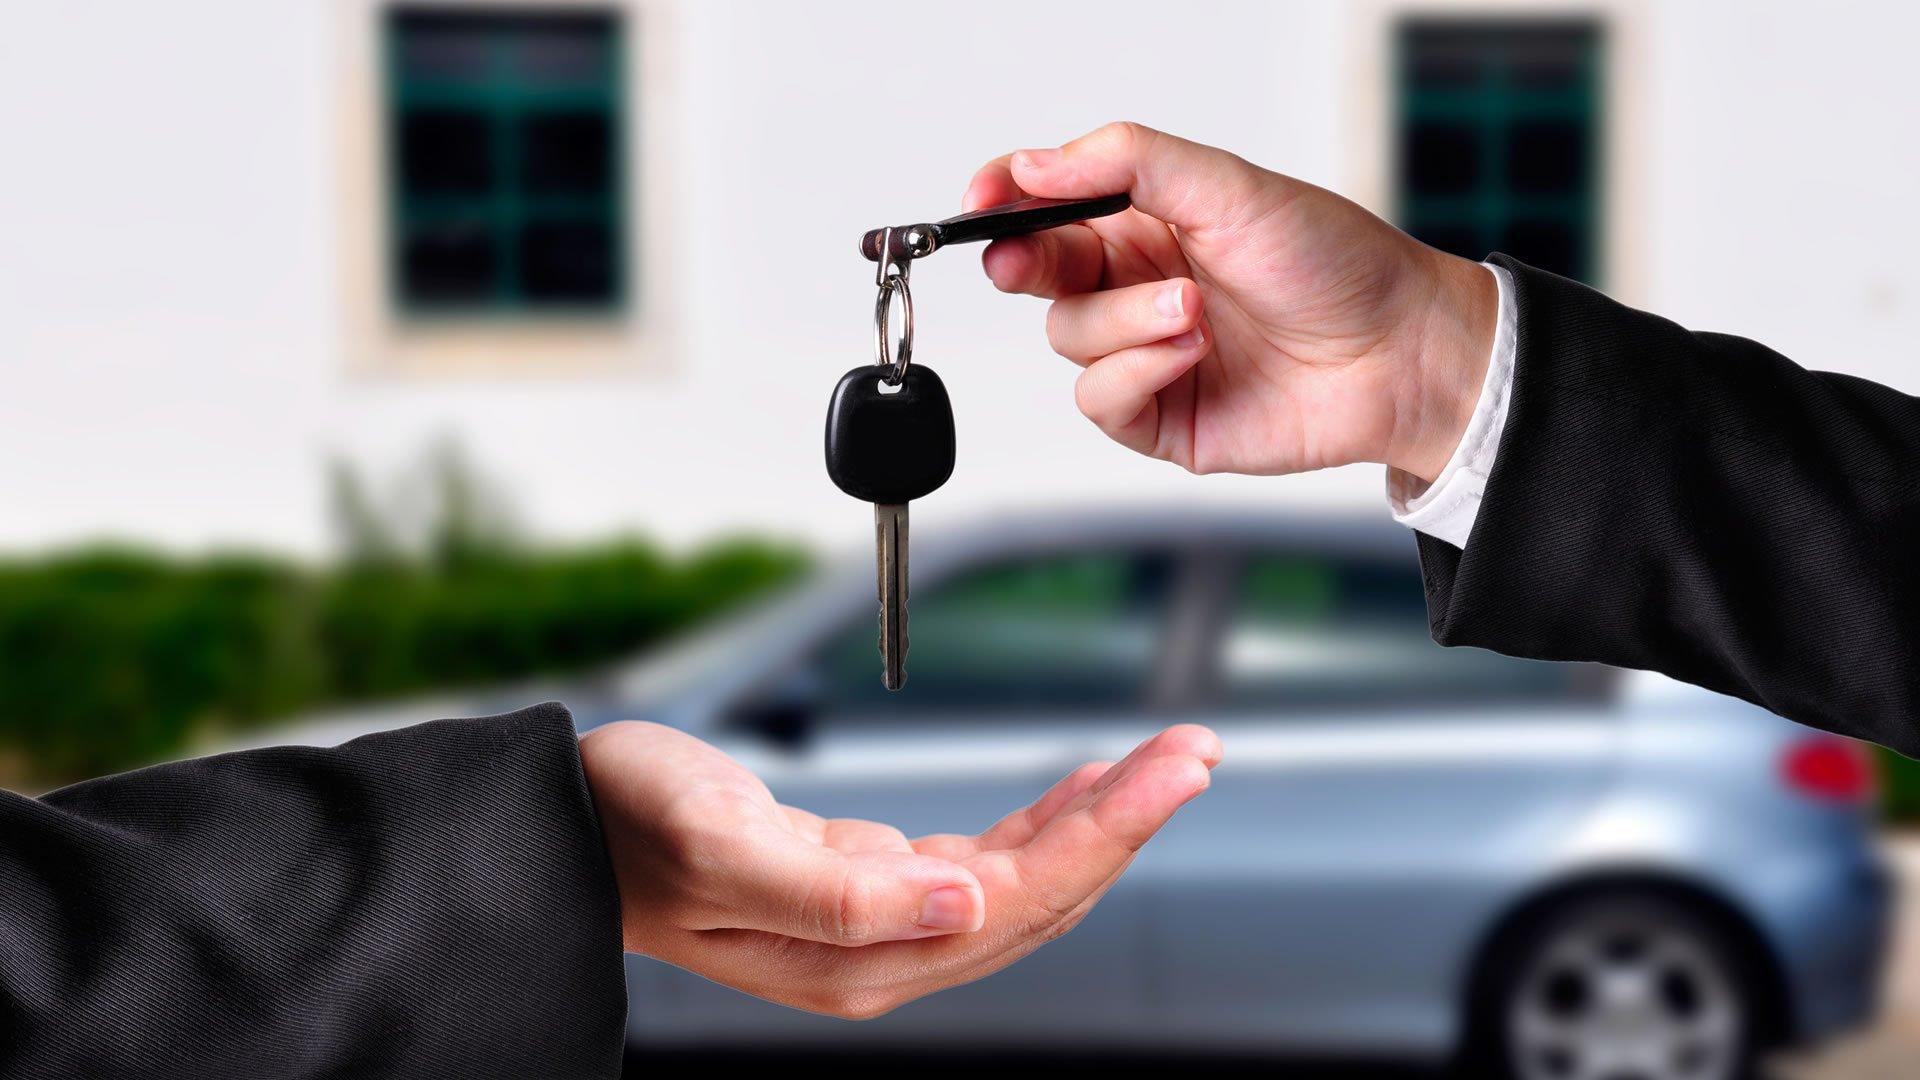 Acquistare o noleggiare un'auto? Cosa mi conviene? thumbnail